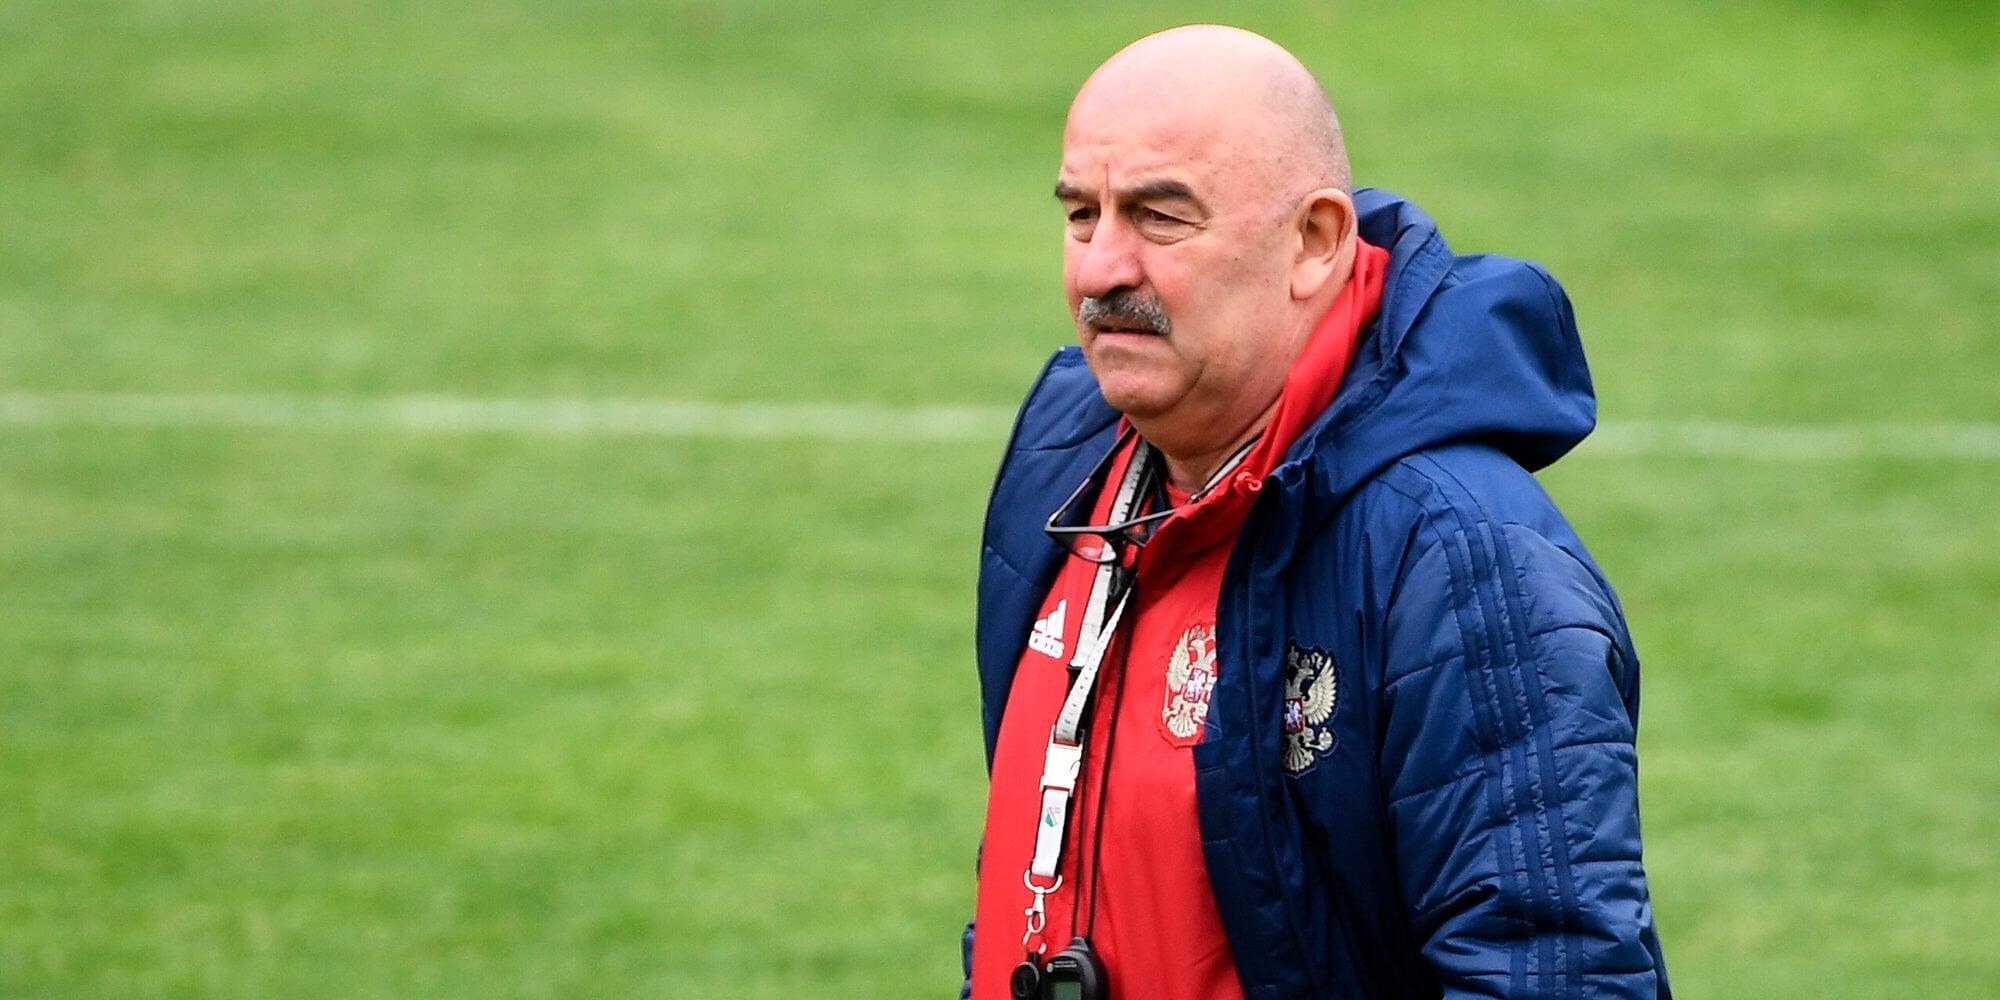 Черчесов о Бельгии: «Работаем, чтобы нивелировать их качества. Все три матча с ними получились зрелищными»